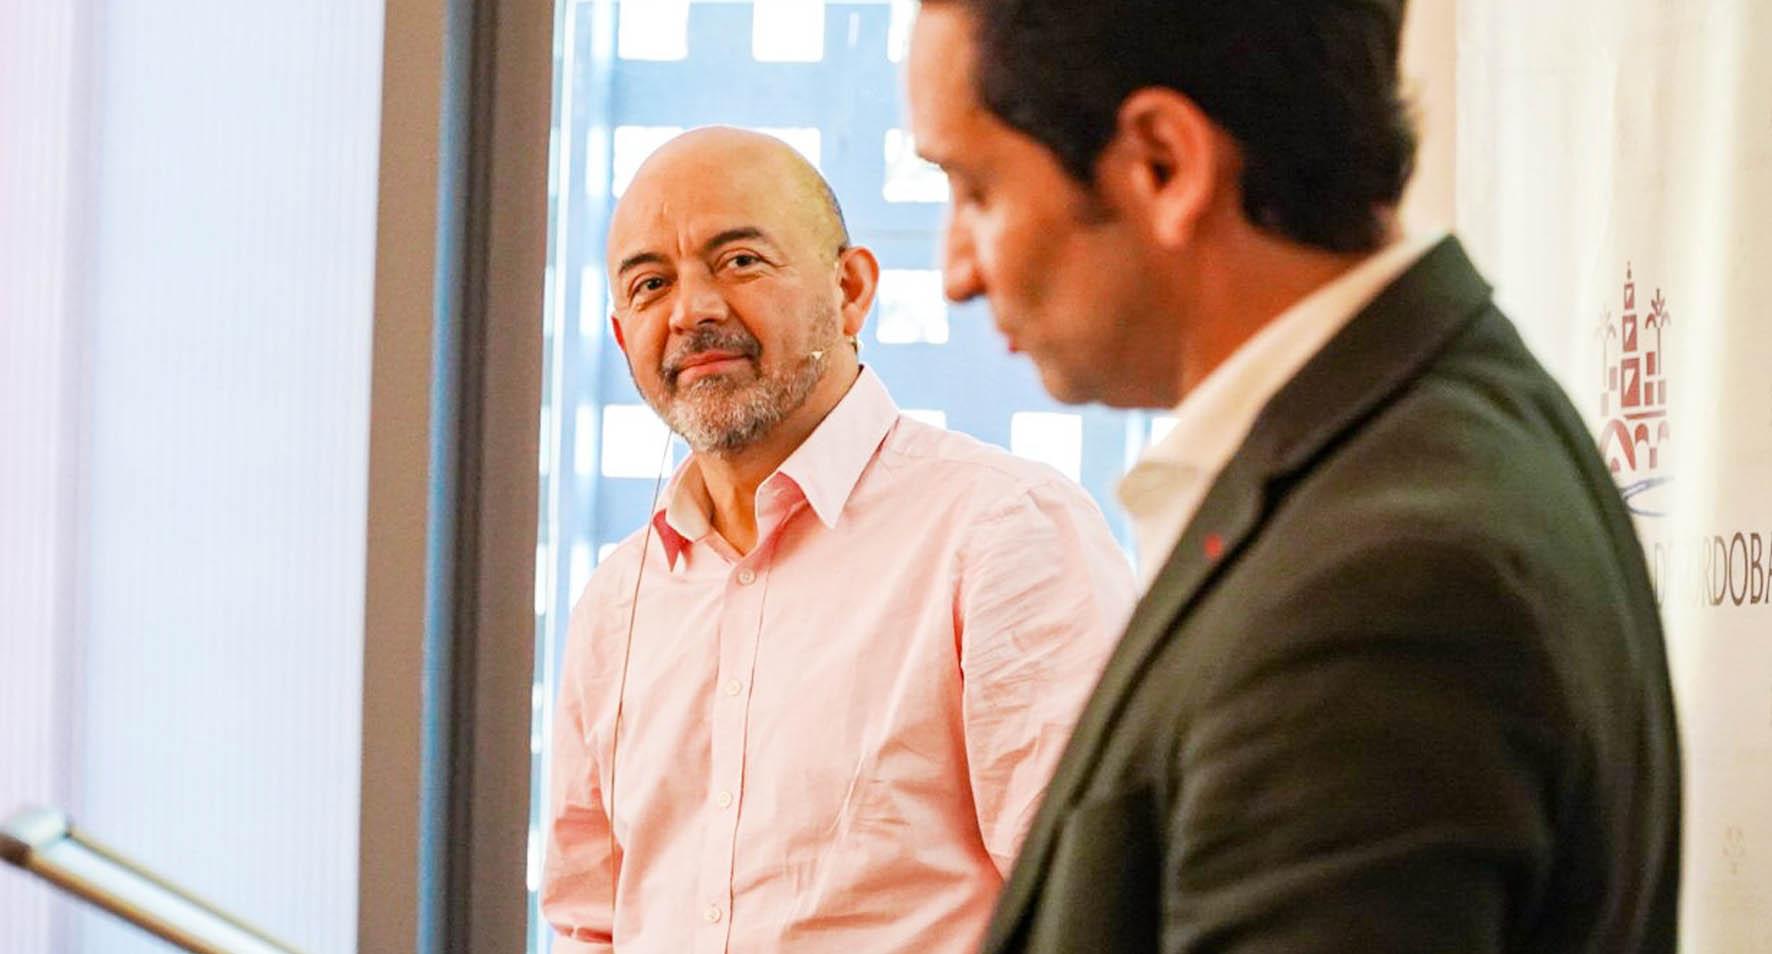 René Rojas, CEO de HubBOG, visita el Vivero de Empresas Baobab para hablar de emprendimiento con las startups de Córdoba